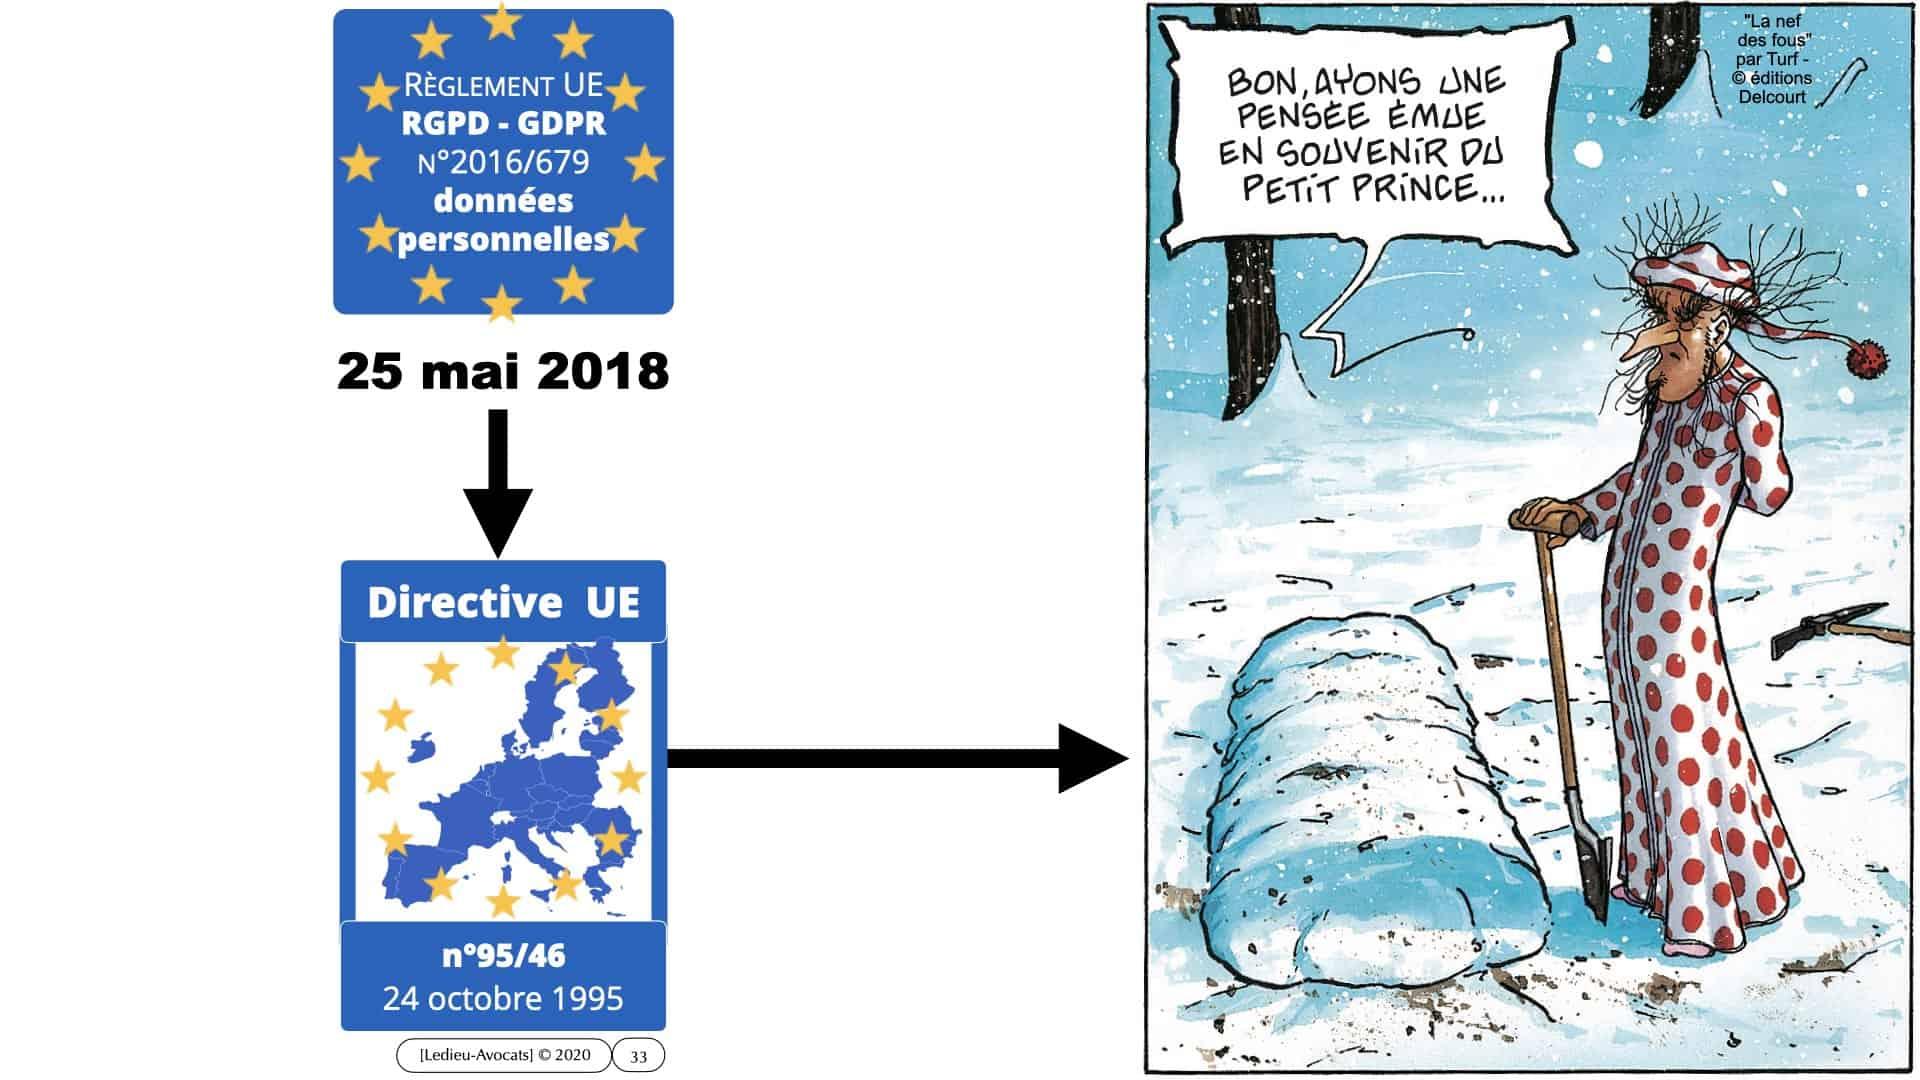 métadonnées et données personnelles : une histoire européenne modernisée avec le RGPD en 2016